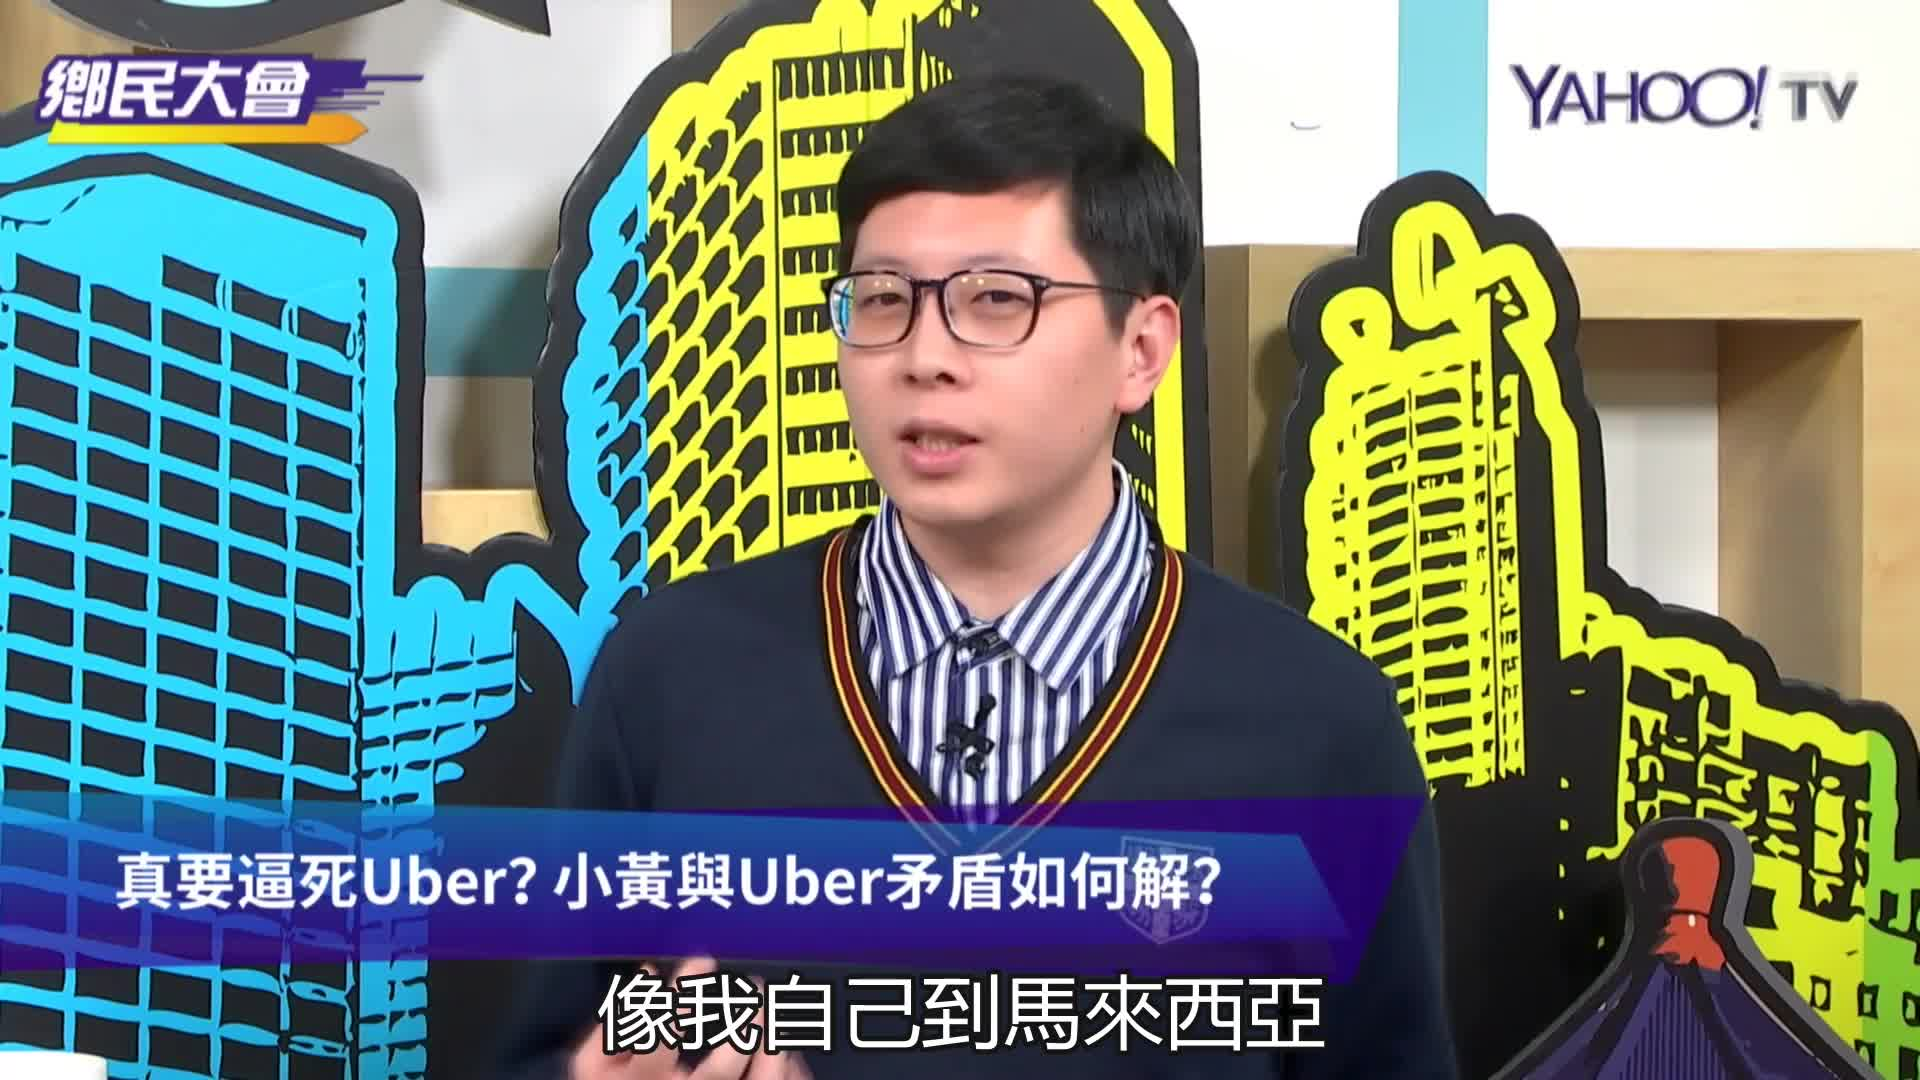 「如果小黃好幹嘛叫Uber?」他點出原因了